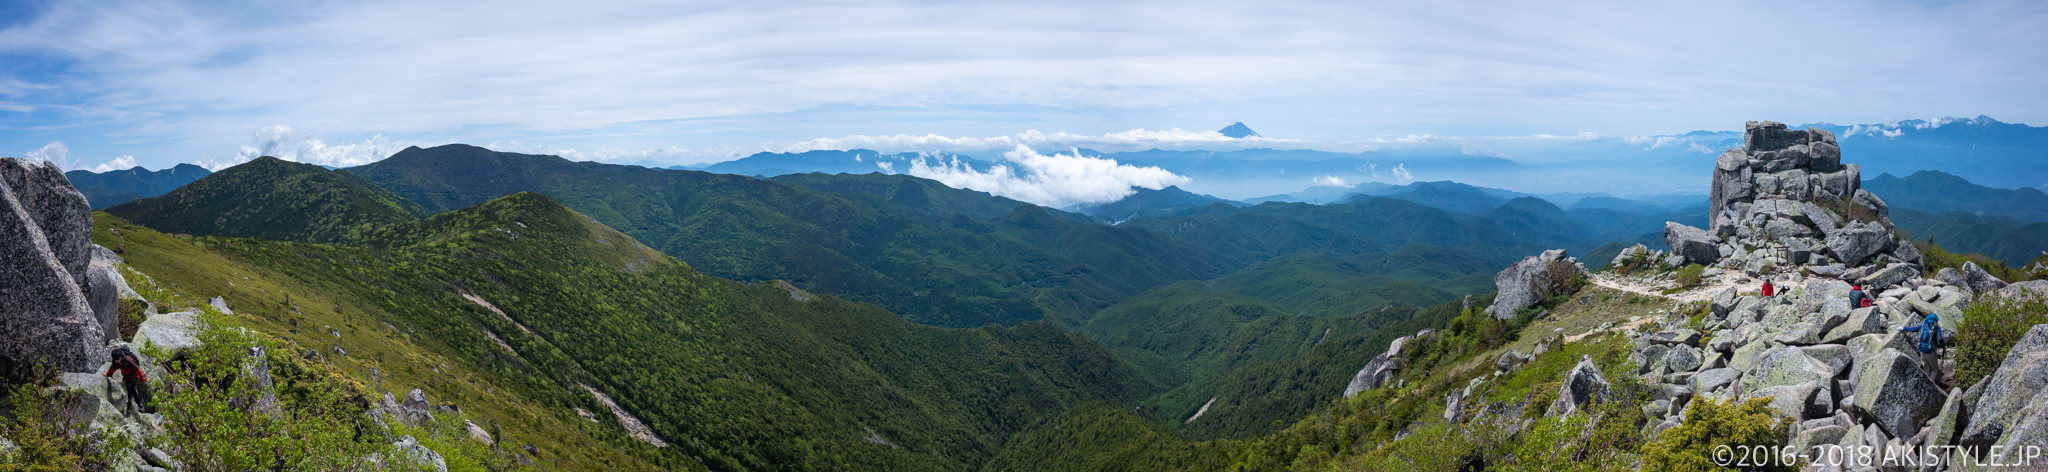 金峰山の山頂から見る景色